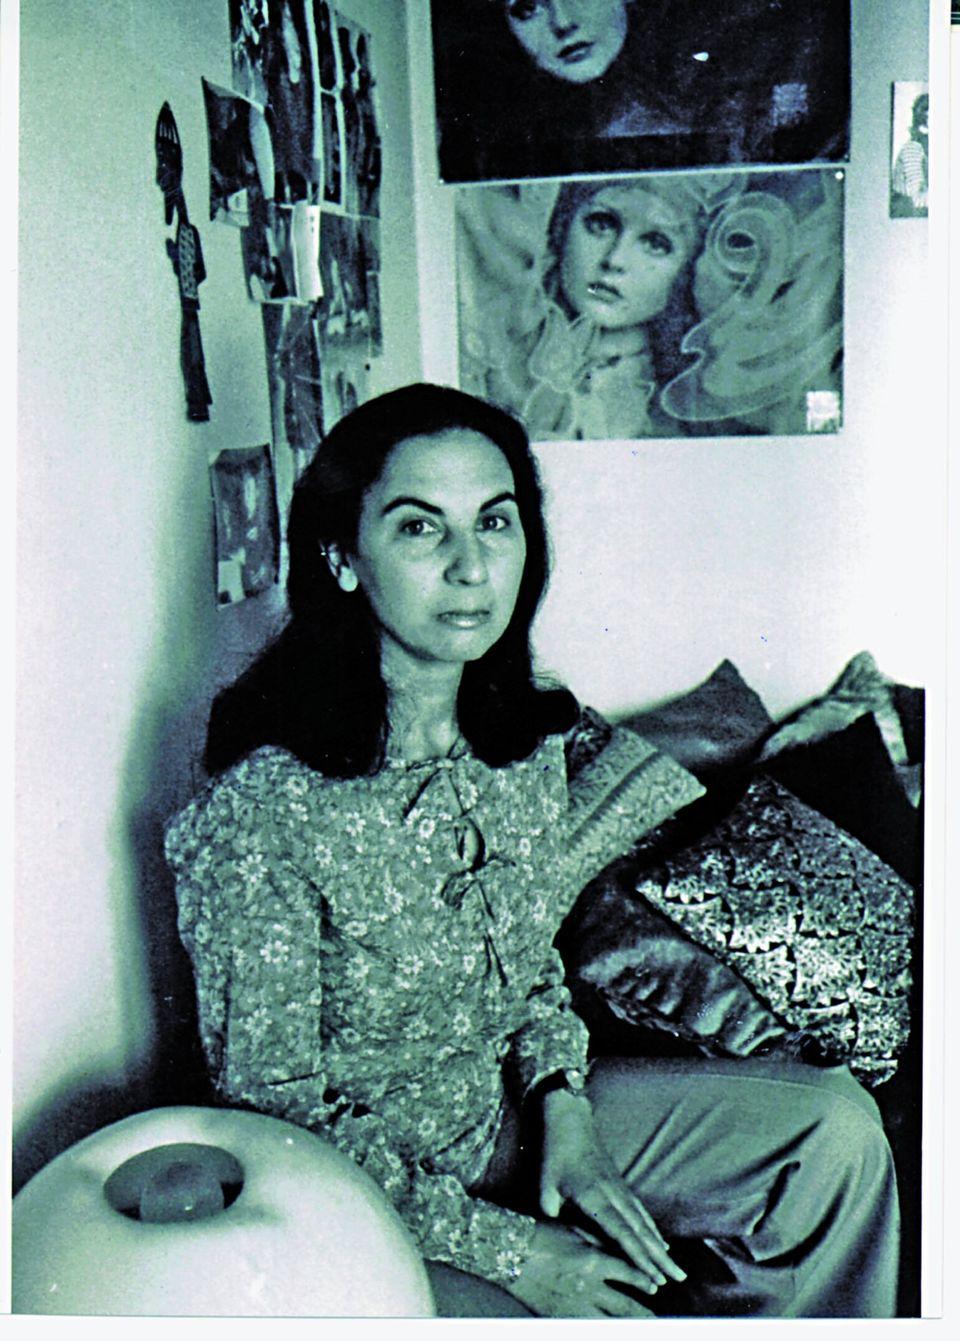 Παρίσι, 1970. Αυτοεξόριστη στο σπίτι του Τίτου Κολώτα